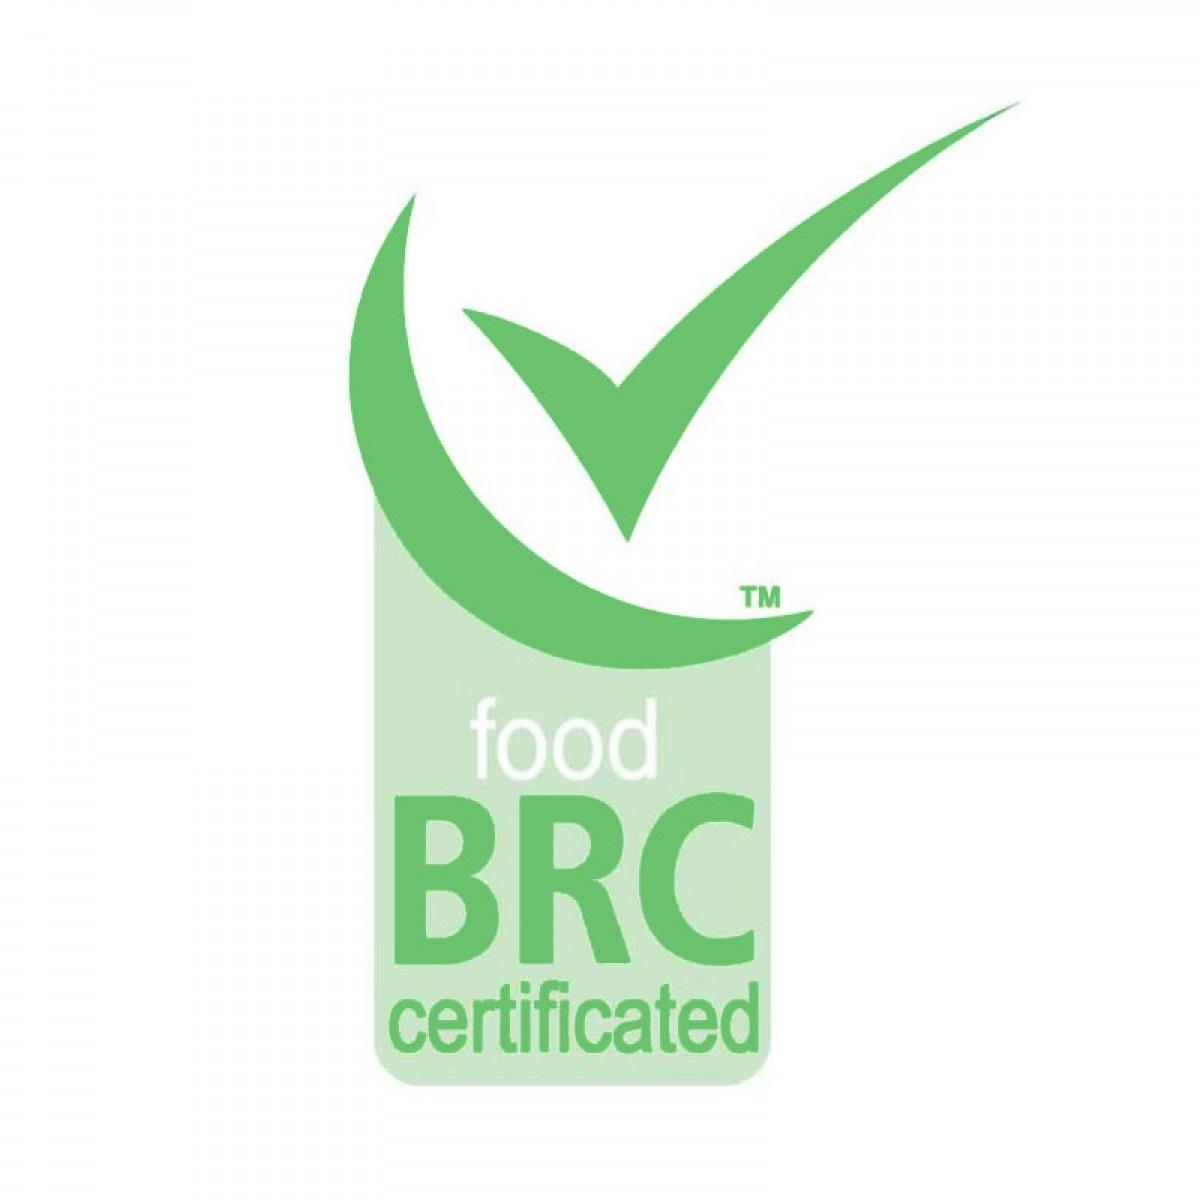 BRC 全球食品安全标准